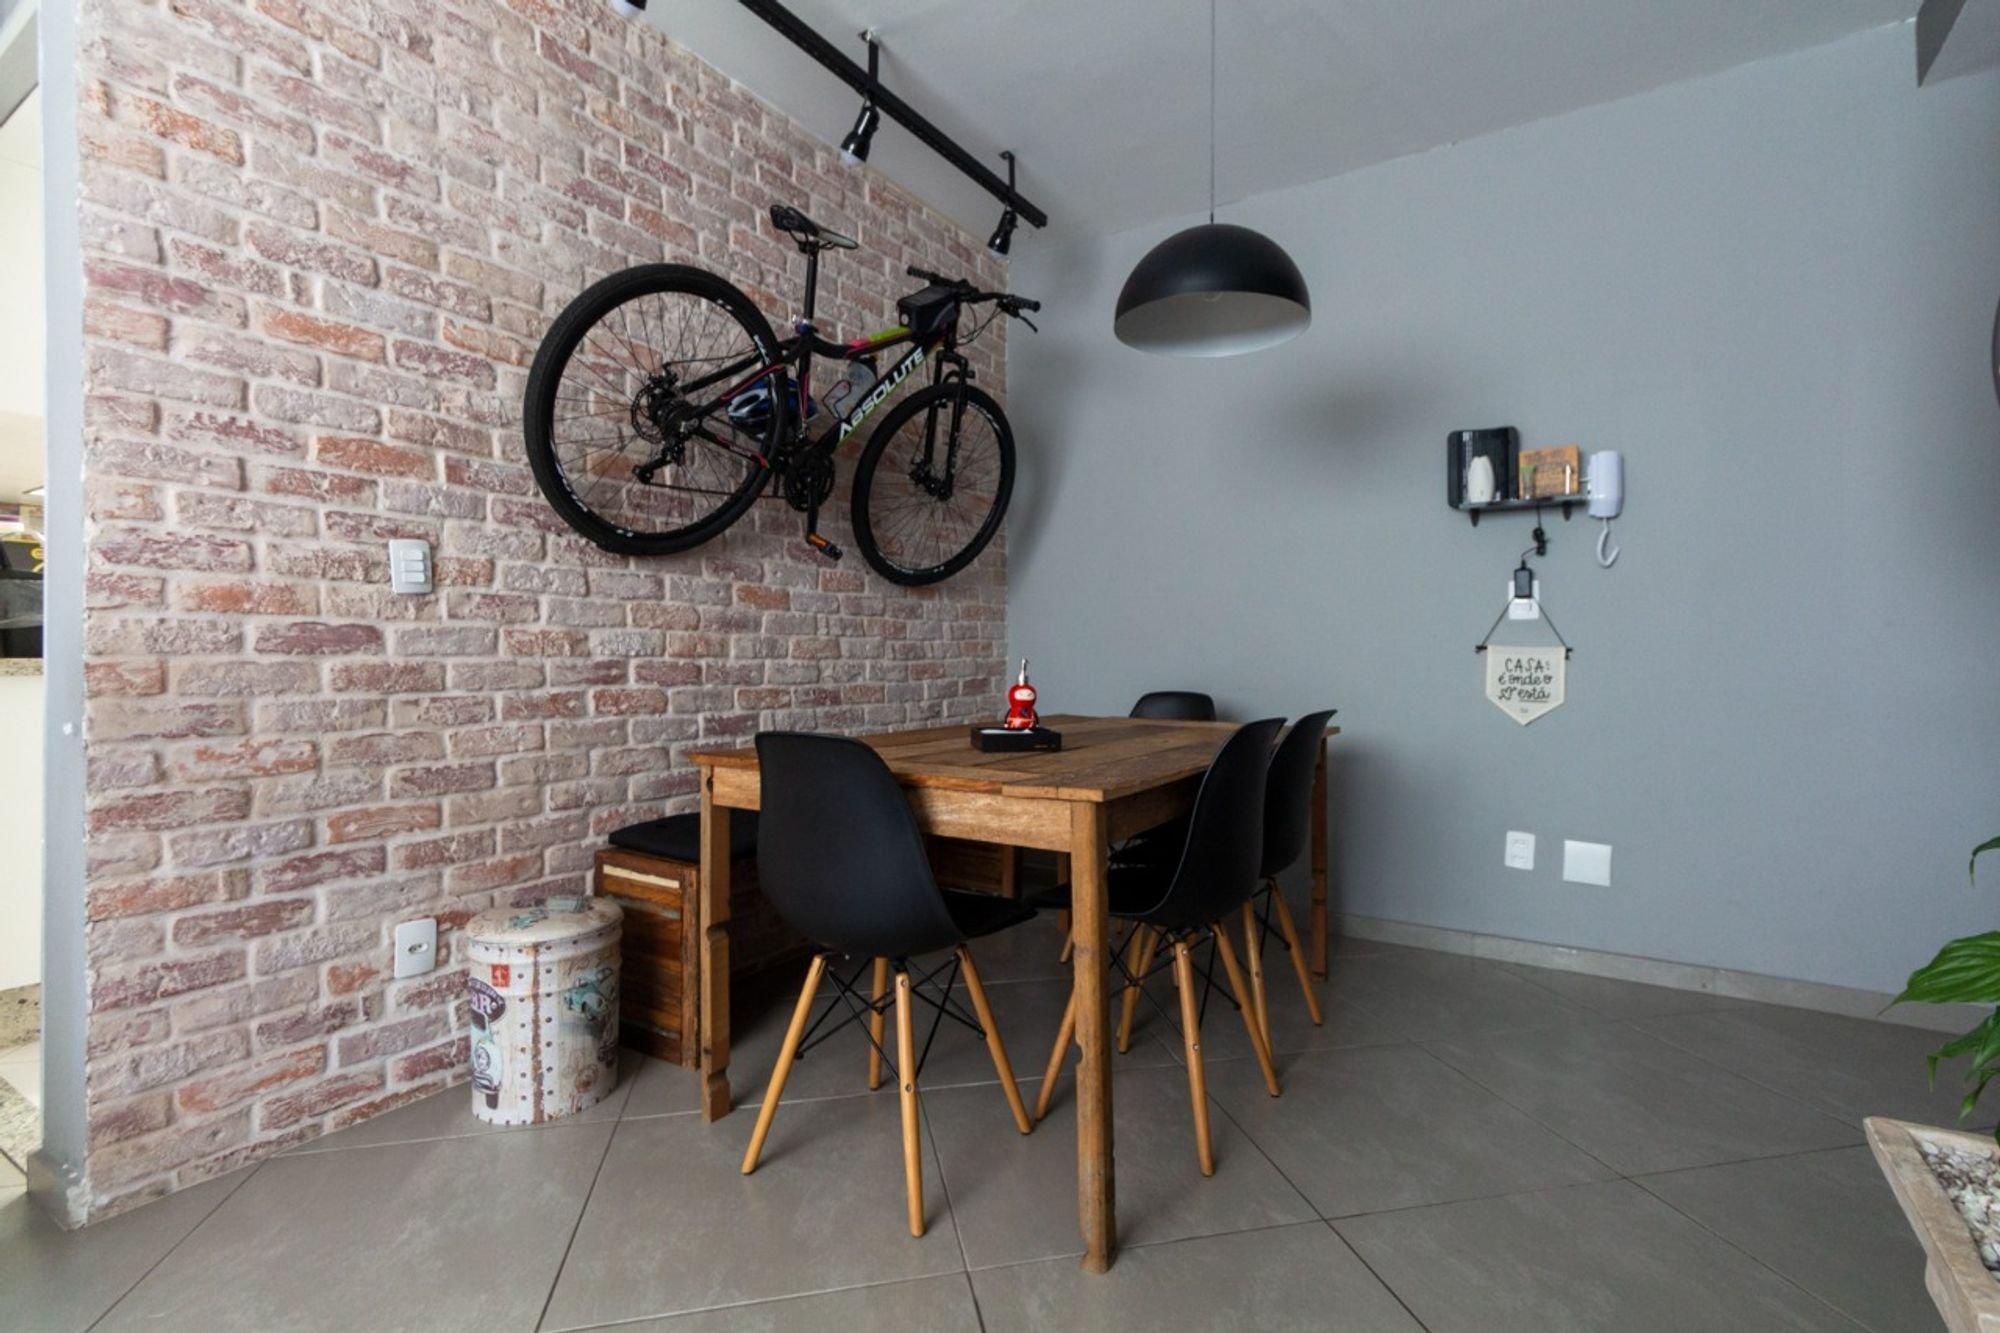 Nesta foto há bicicleta, cadeira, garrafa